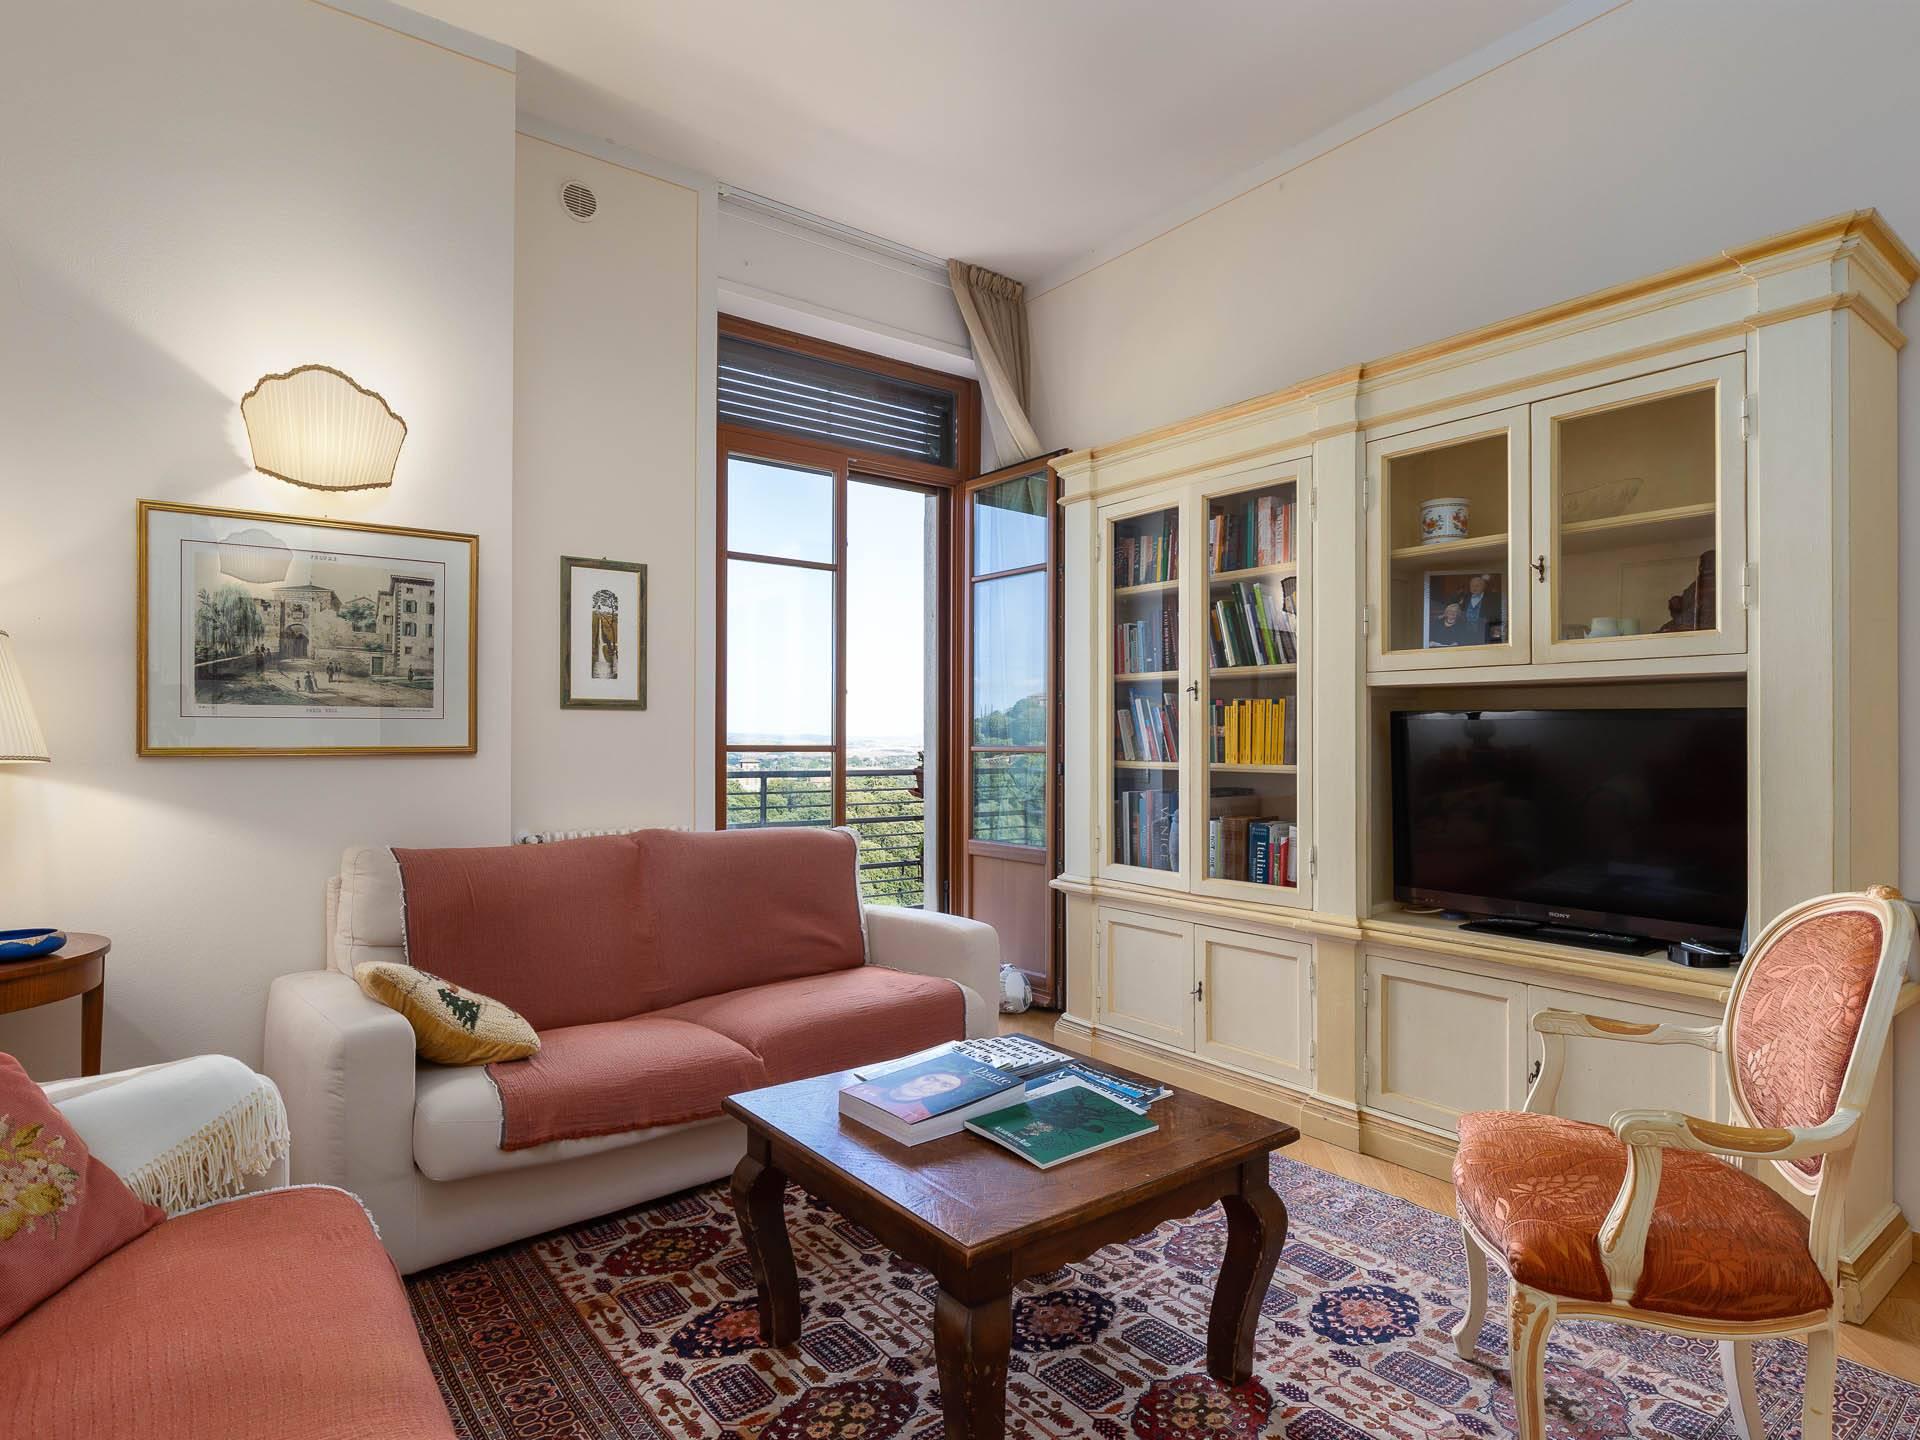 A due passi dal centro, appartamento splendido ed esclusivo, finemente ristrutturato e con affacci unici sulla campagna e sulle antiche mura di Siena.